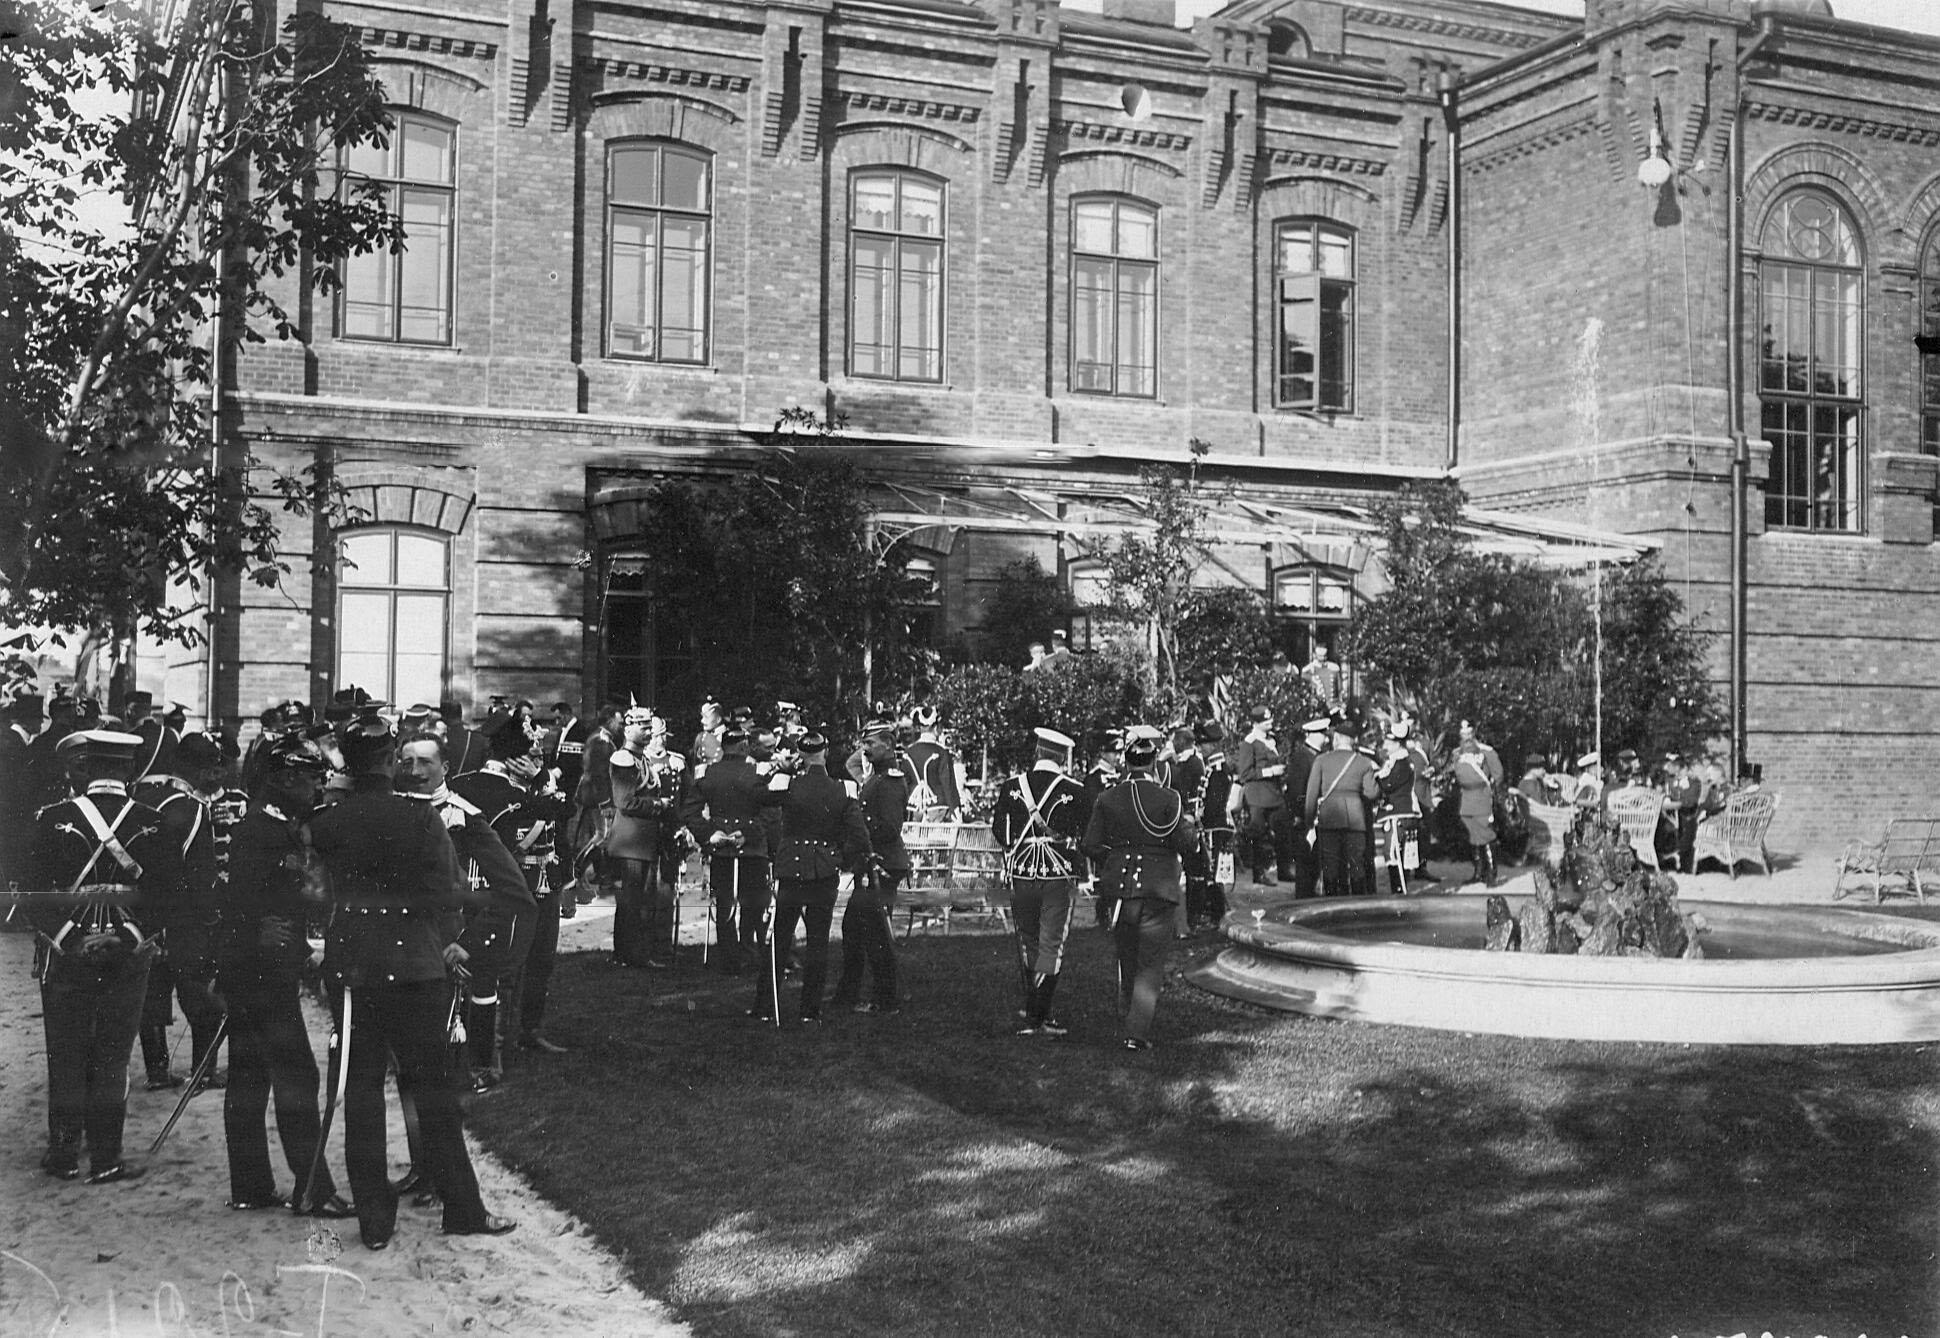 Офицеры германской кавалерии, прибывшие  на празднование 250-летнего юбилея полка, во дворцовом сад